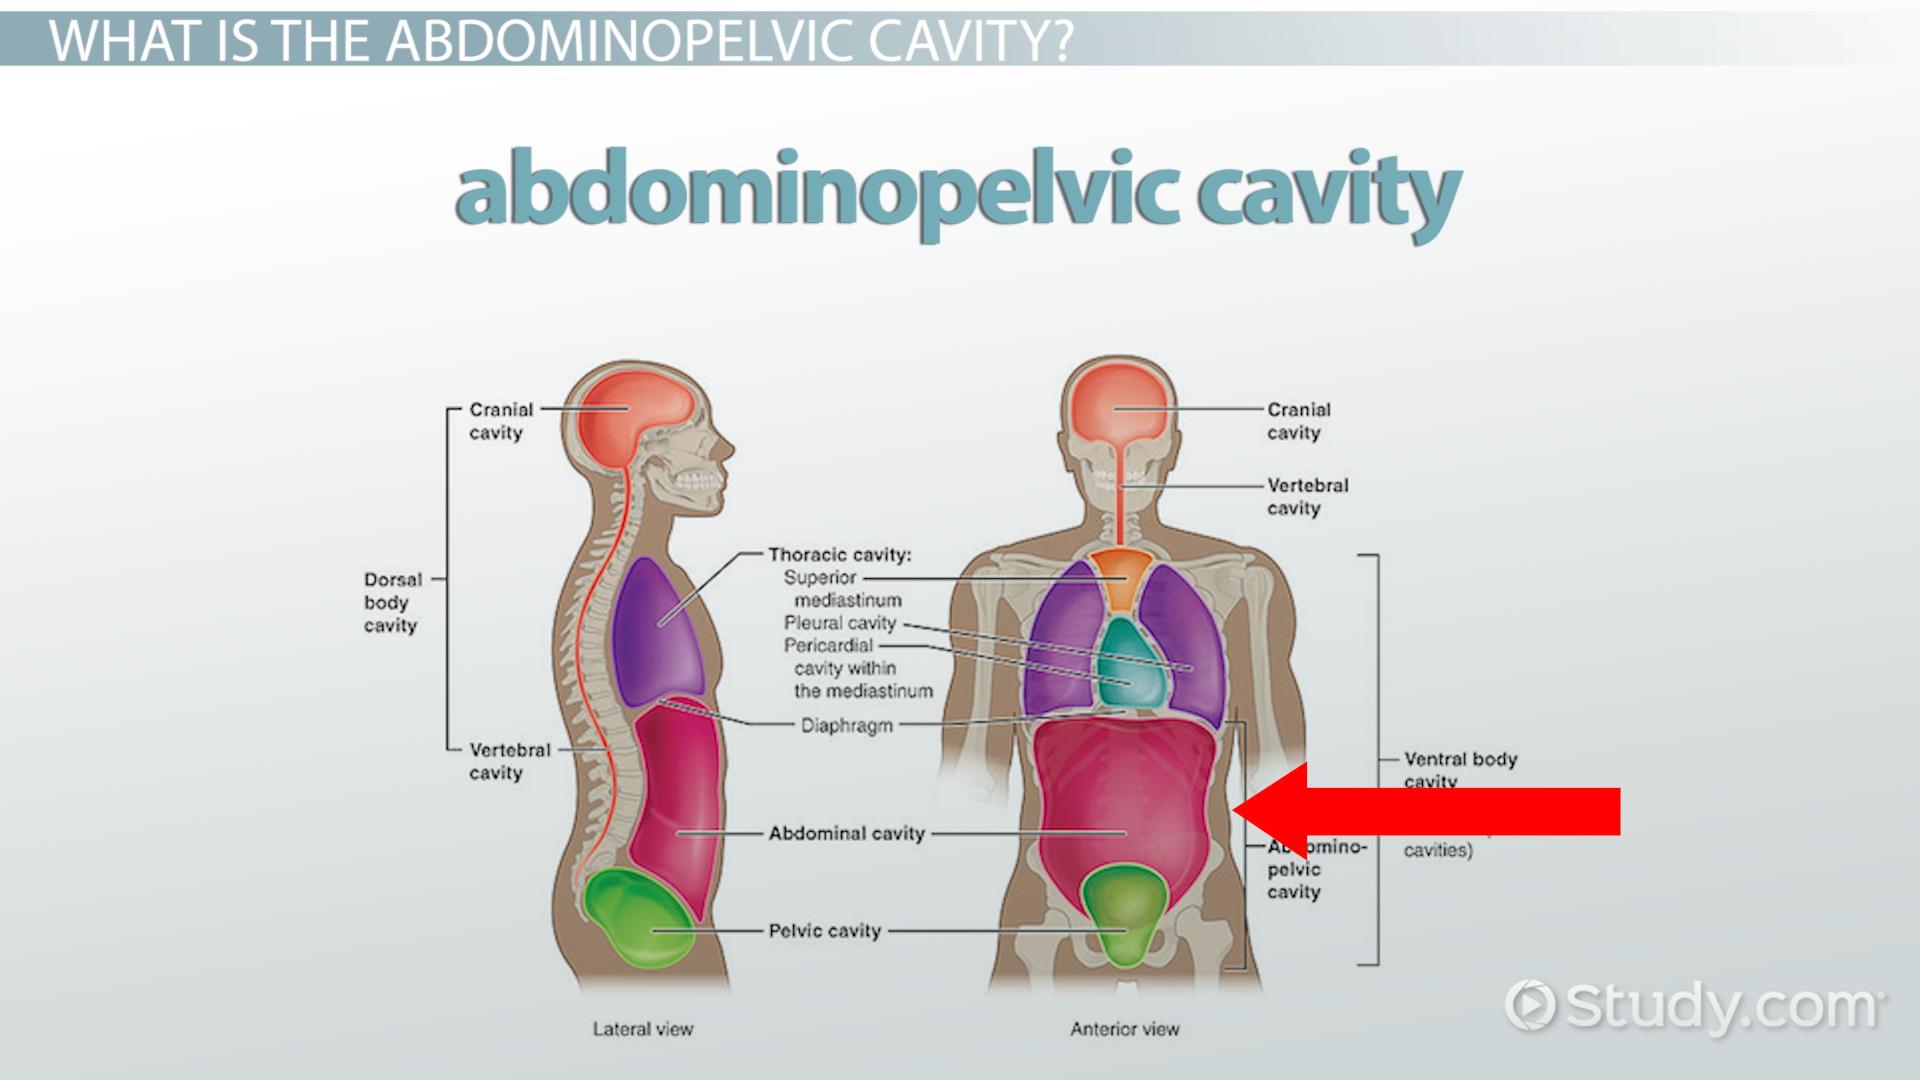 Abdominopelvic Cavity Bony Landmarks Organs Amp Regions